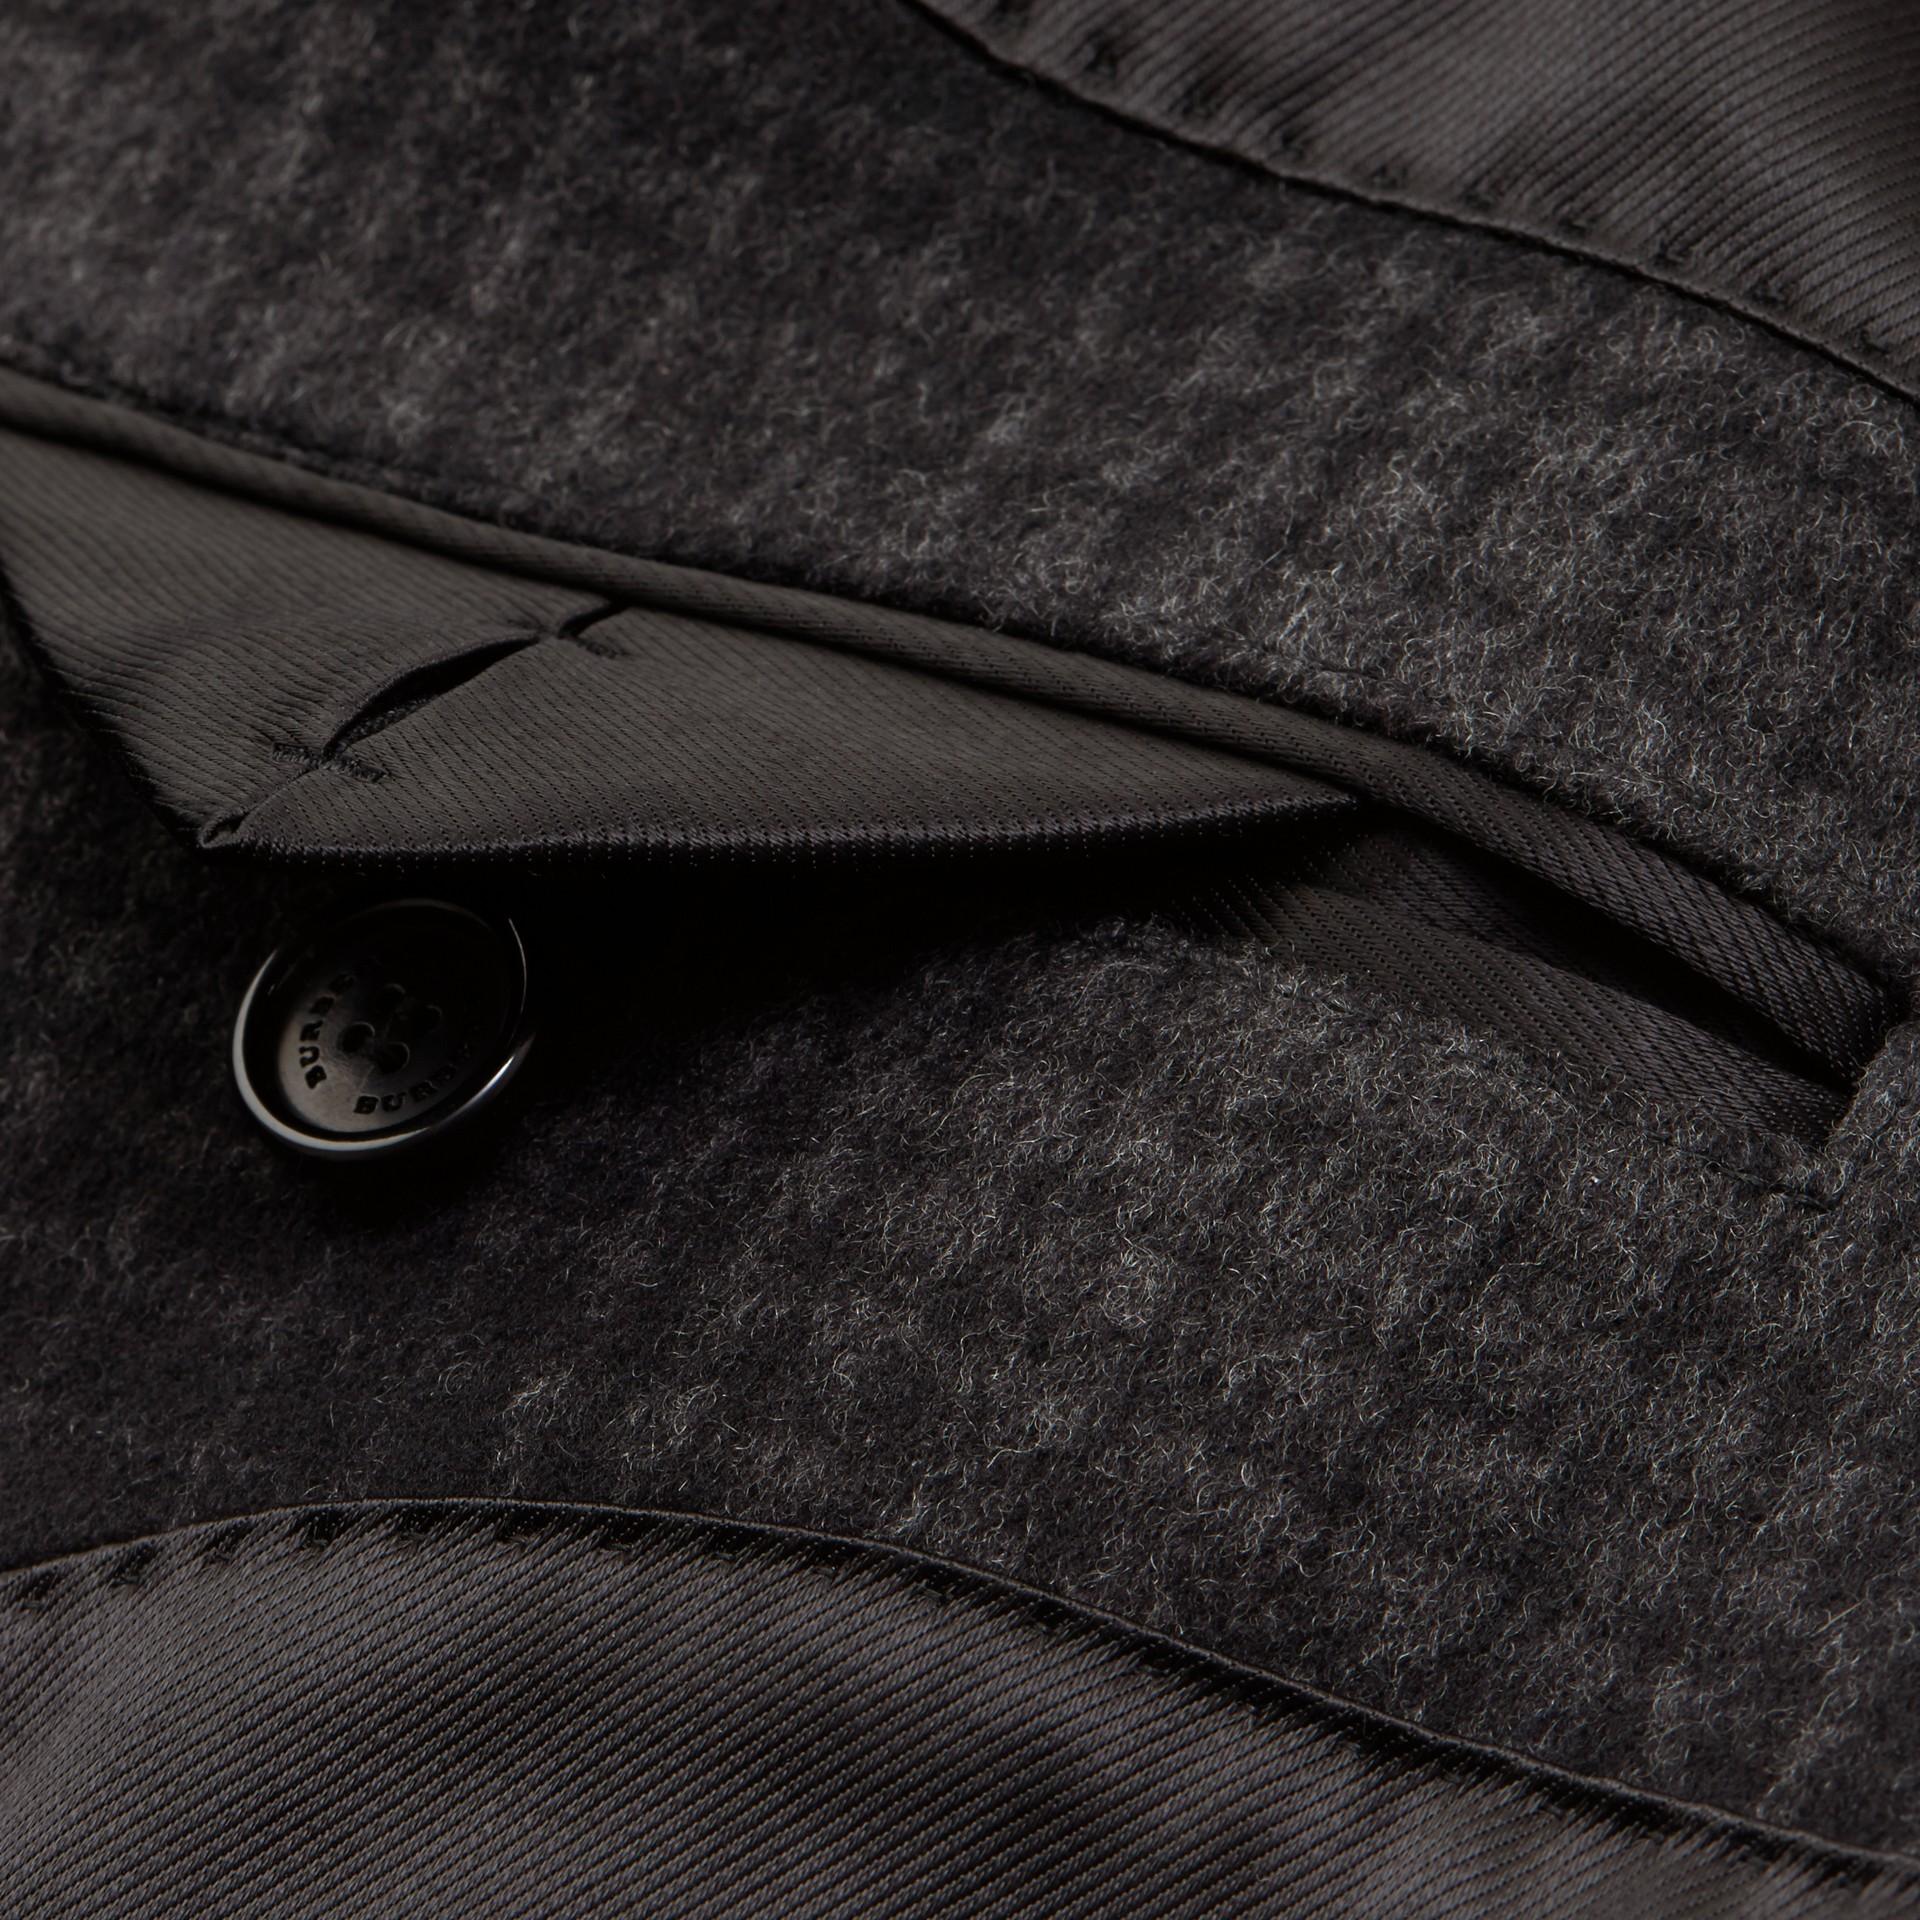 Camaïeu anthracite Manteau ajusté en laine et cachemire à motif check - photo de la galerie 2